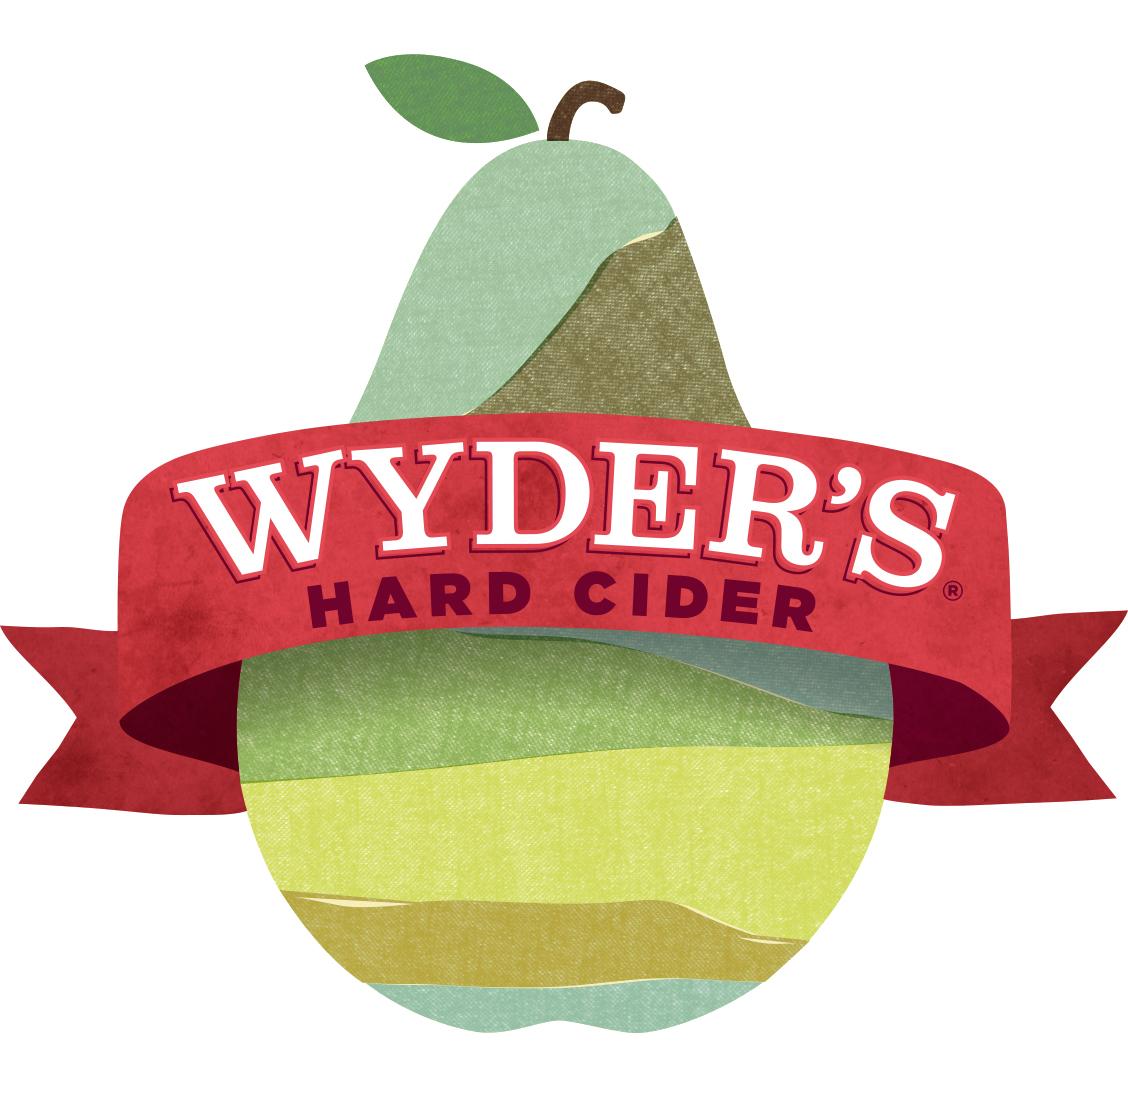 Wyder's Hard Cider